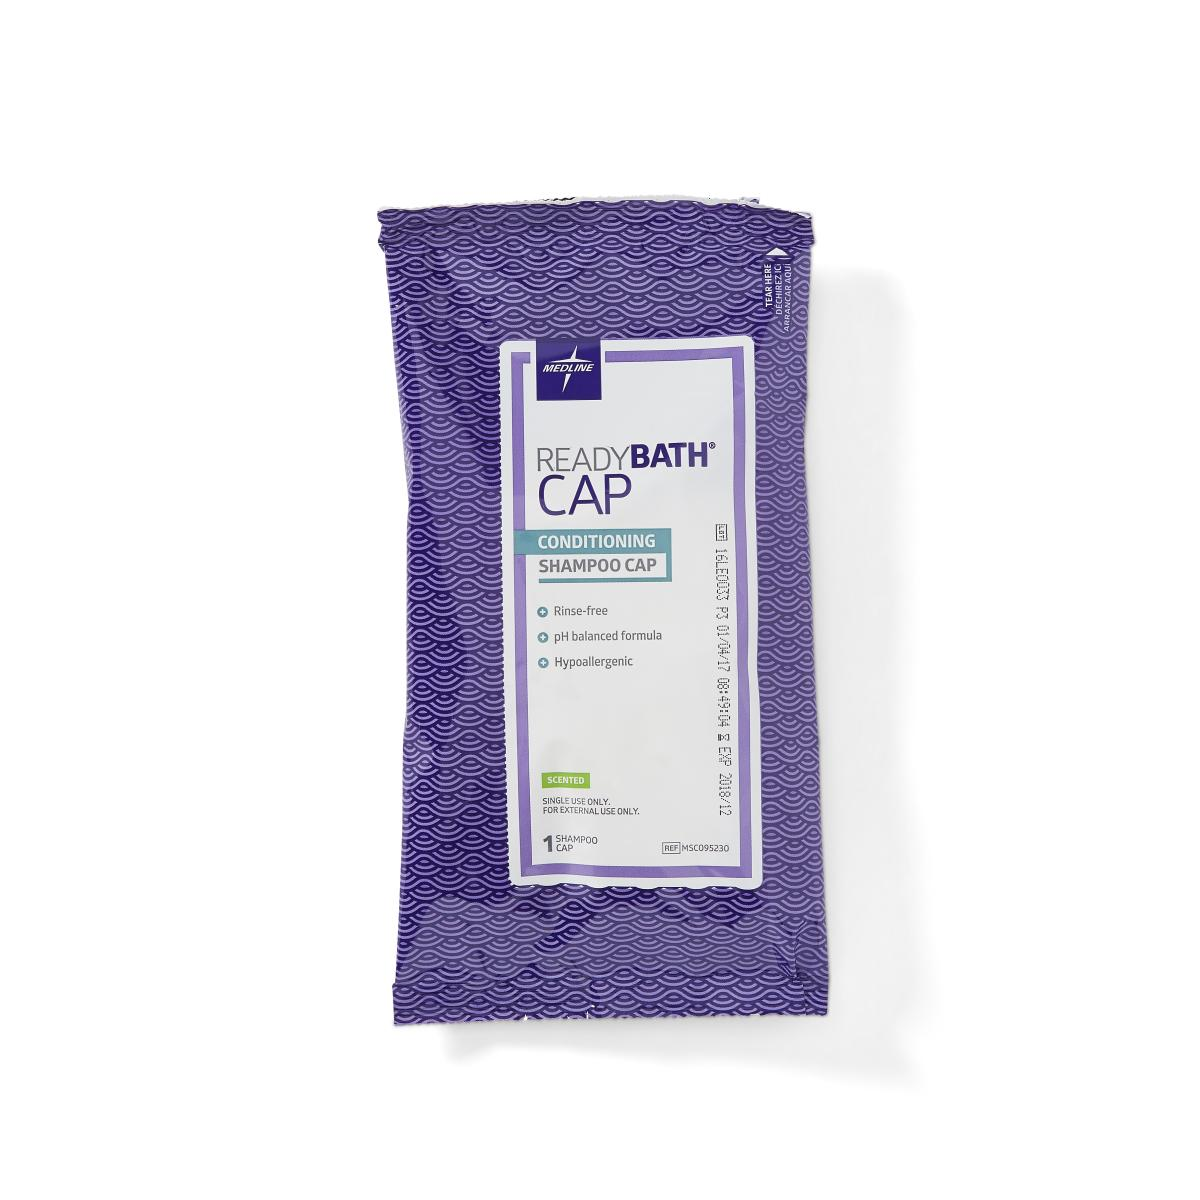 Readybath Shampoo Caps By Medline Free Shipping